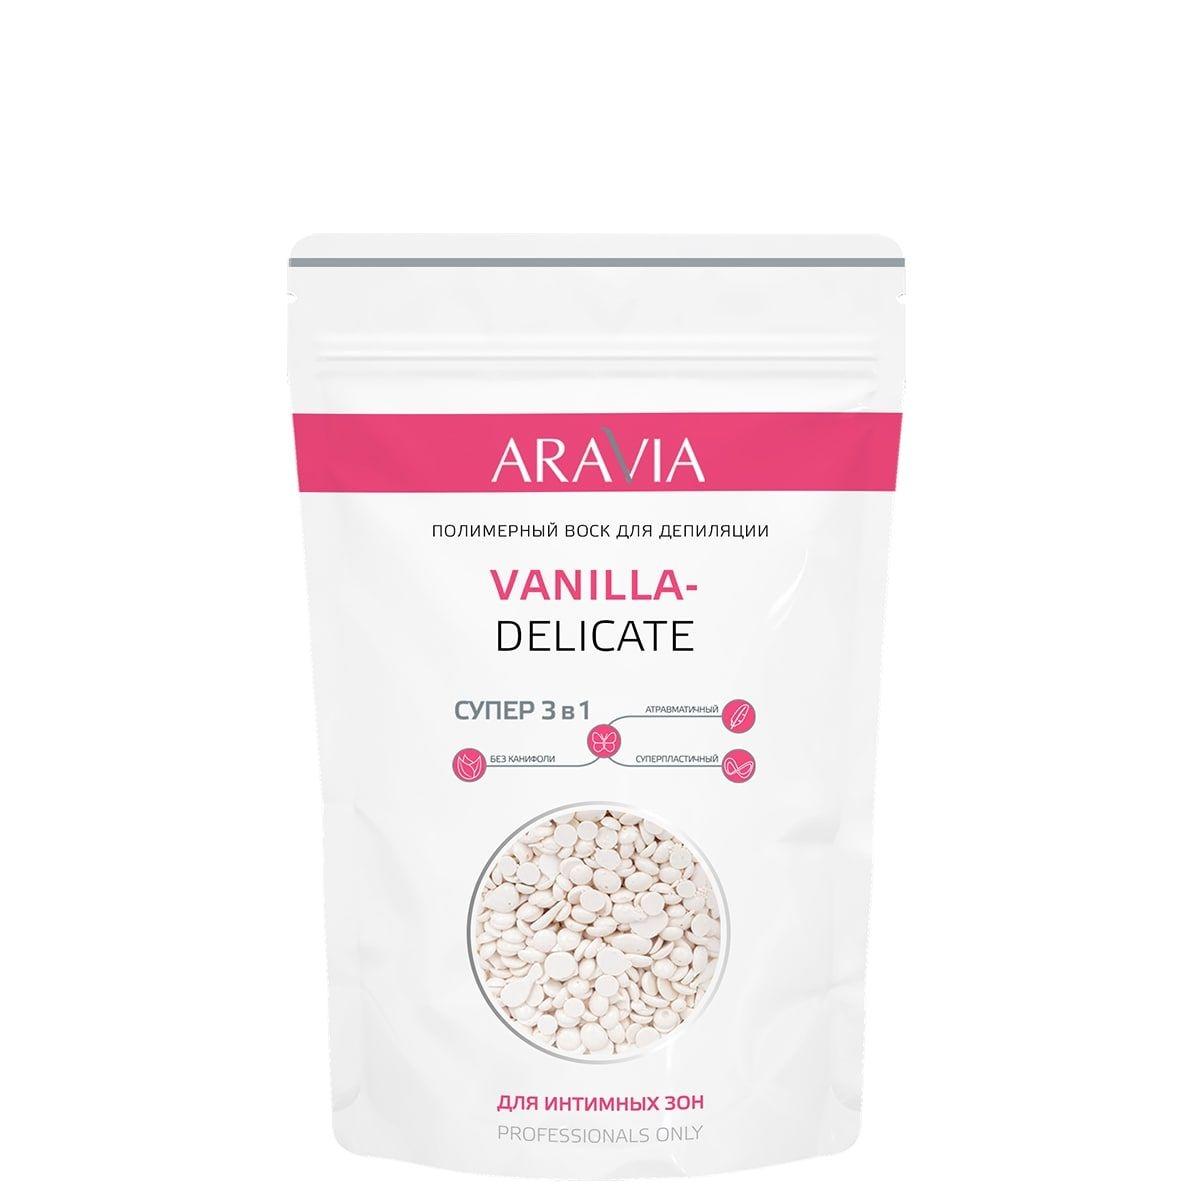 ARAVIA Воск Vanilla-Delicate Полимерный для Депиляции для Интимных Зон, 1000г